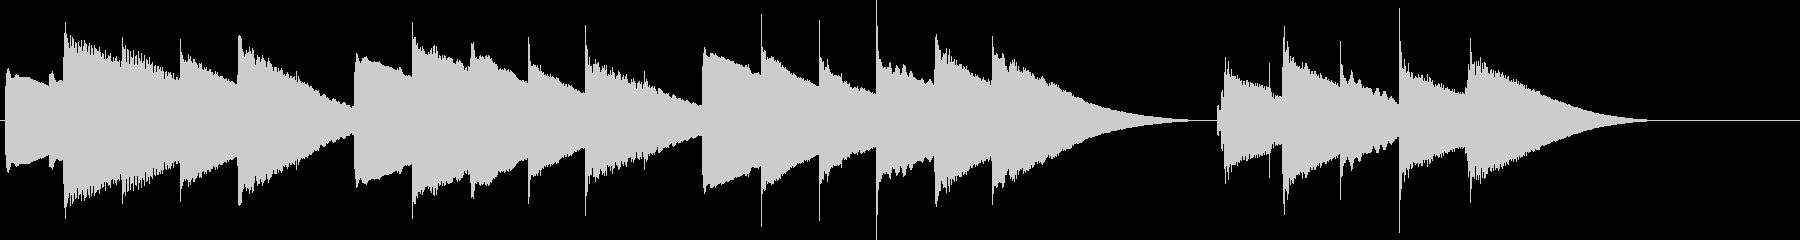 ハッピーバースデー(オルゴール)の未再生の波形